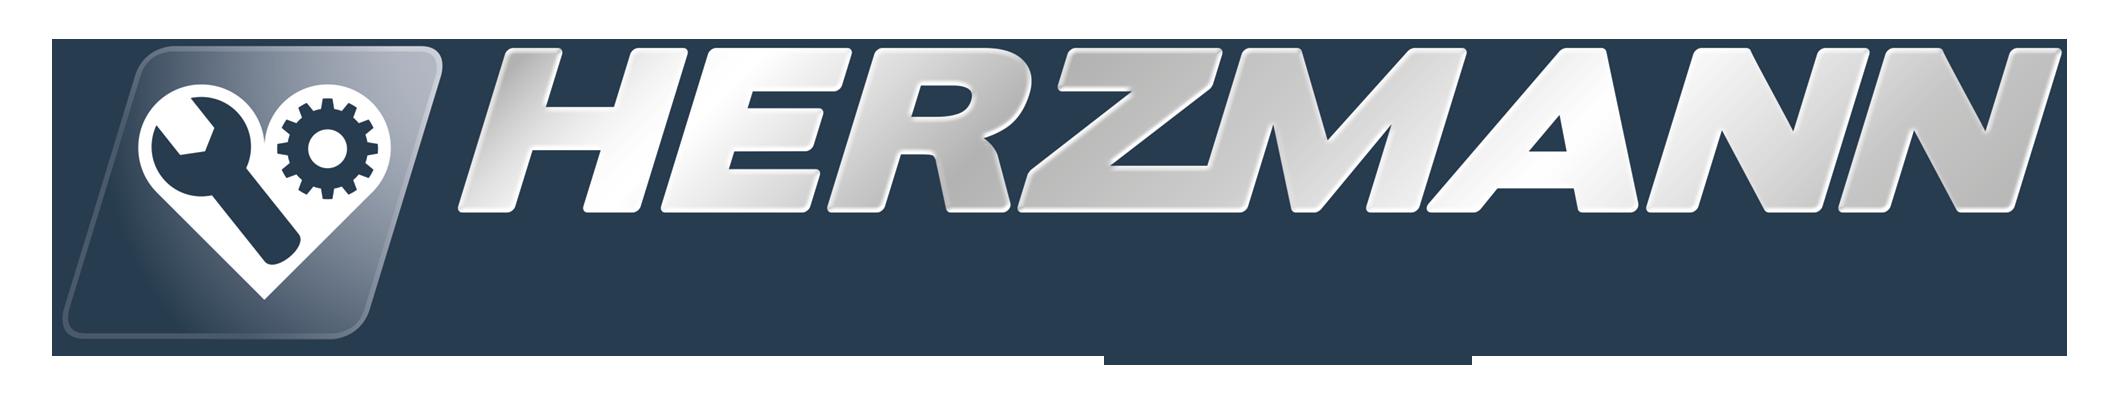 herzmann logo relaunch herzmann nutzfahrzeuge gmbh webauftritt. Black Bedroom Furniture Sets. Home Design Ideas